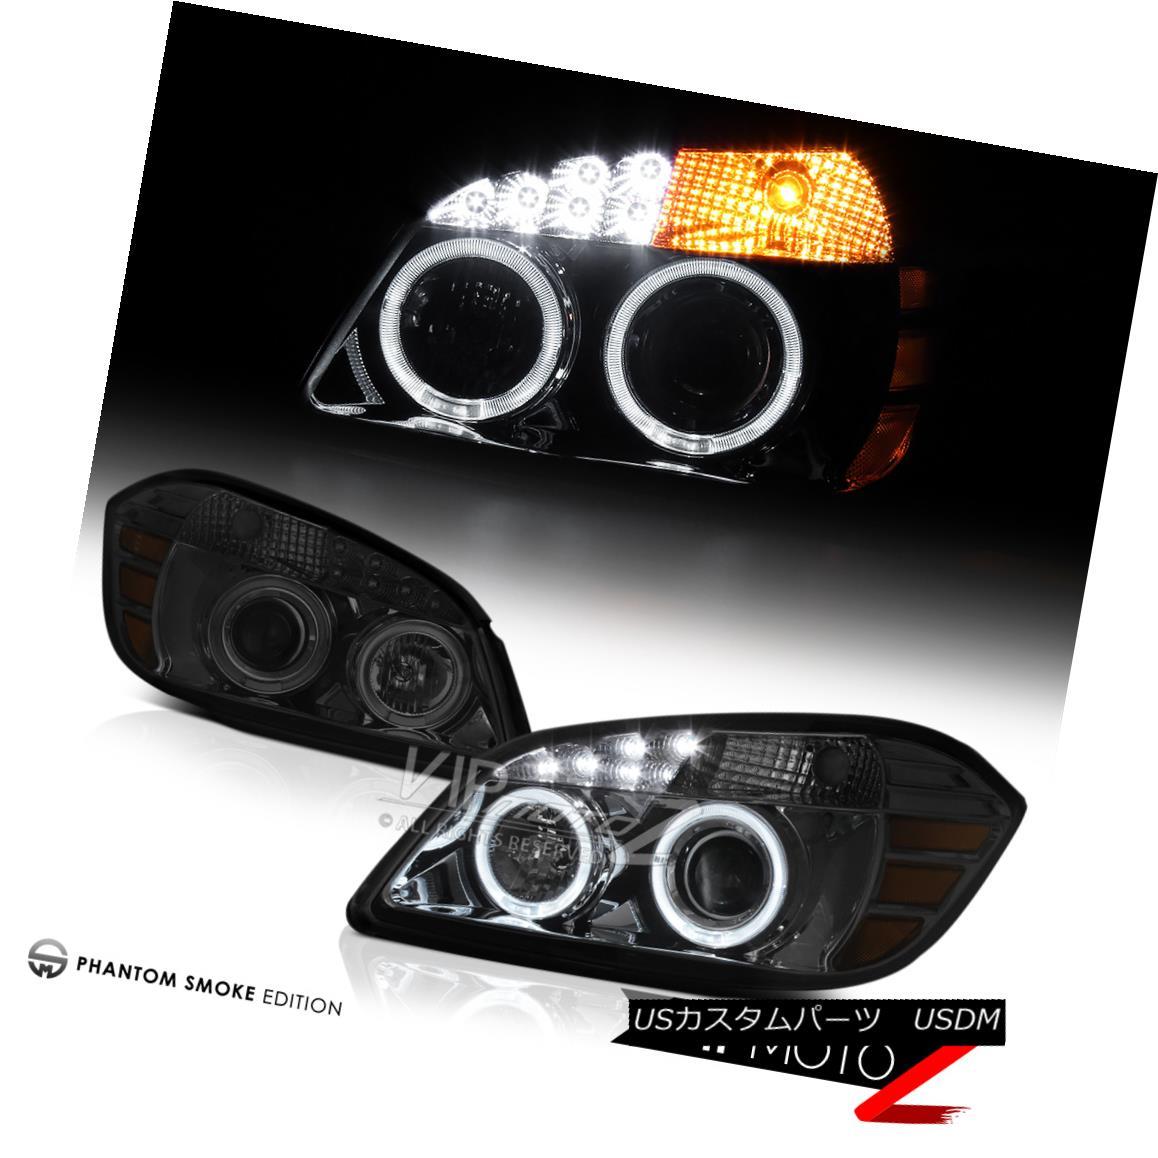 ヘッドライト 2005-2010 Chevy Cobalt Smoke LED SMD DRL Projector Angel Eye Headlights Assembly 2005-2010シボレーコバルトスモークLED SMD DRLプロジェクターエンジェルアイヘッドライトアセンブリ